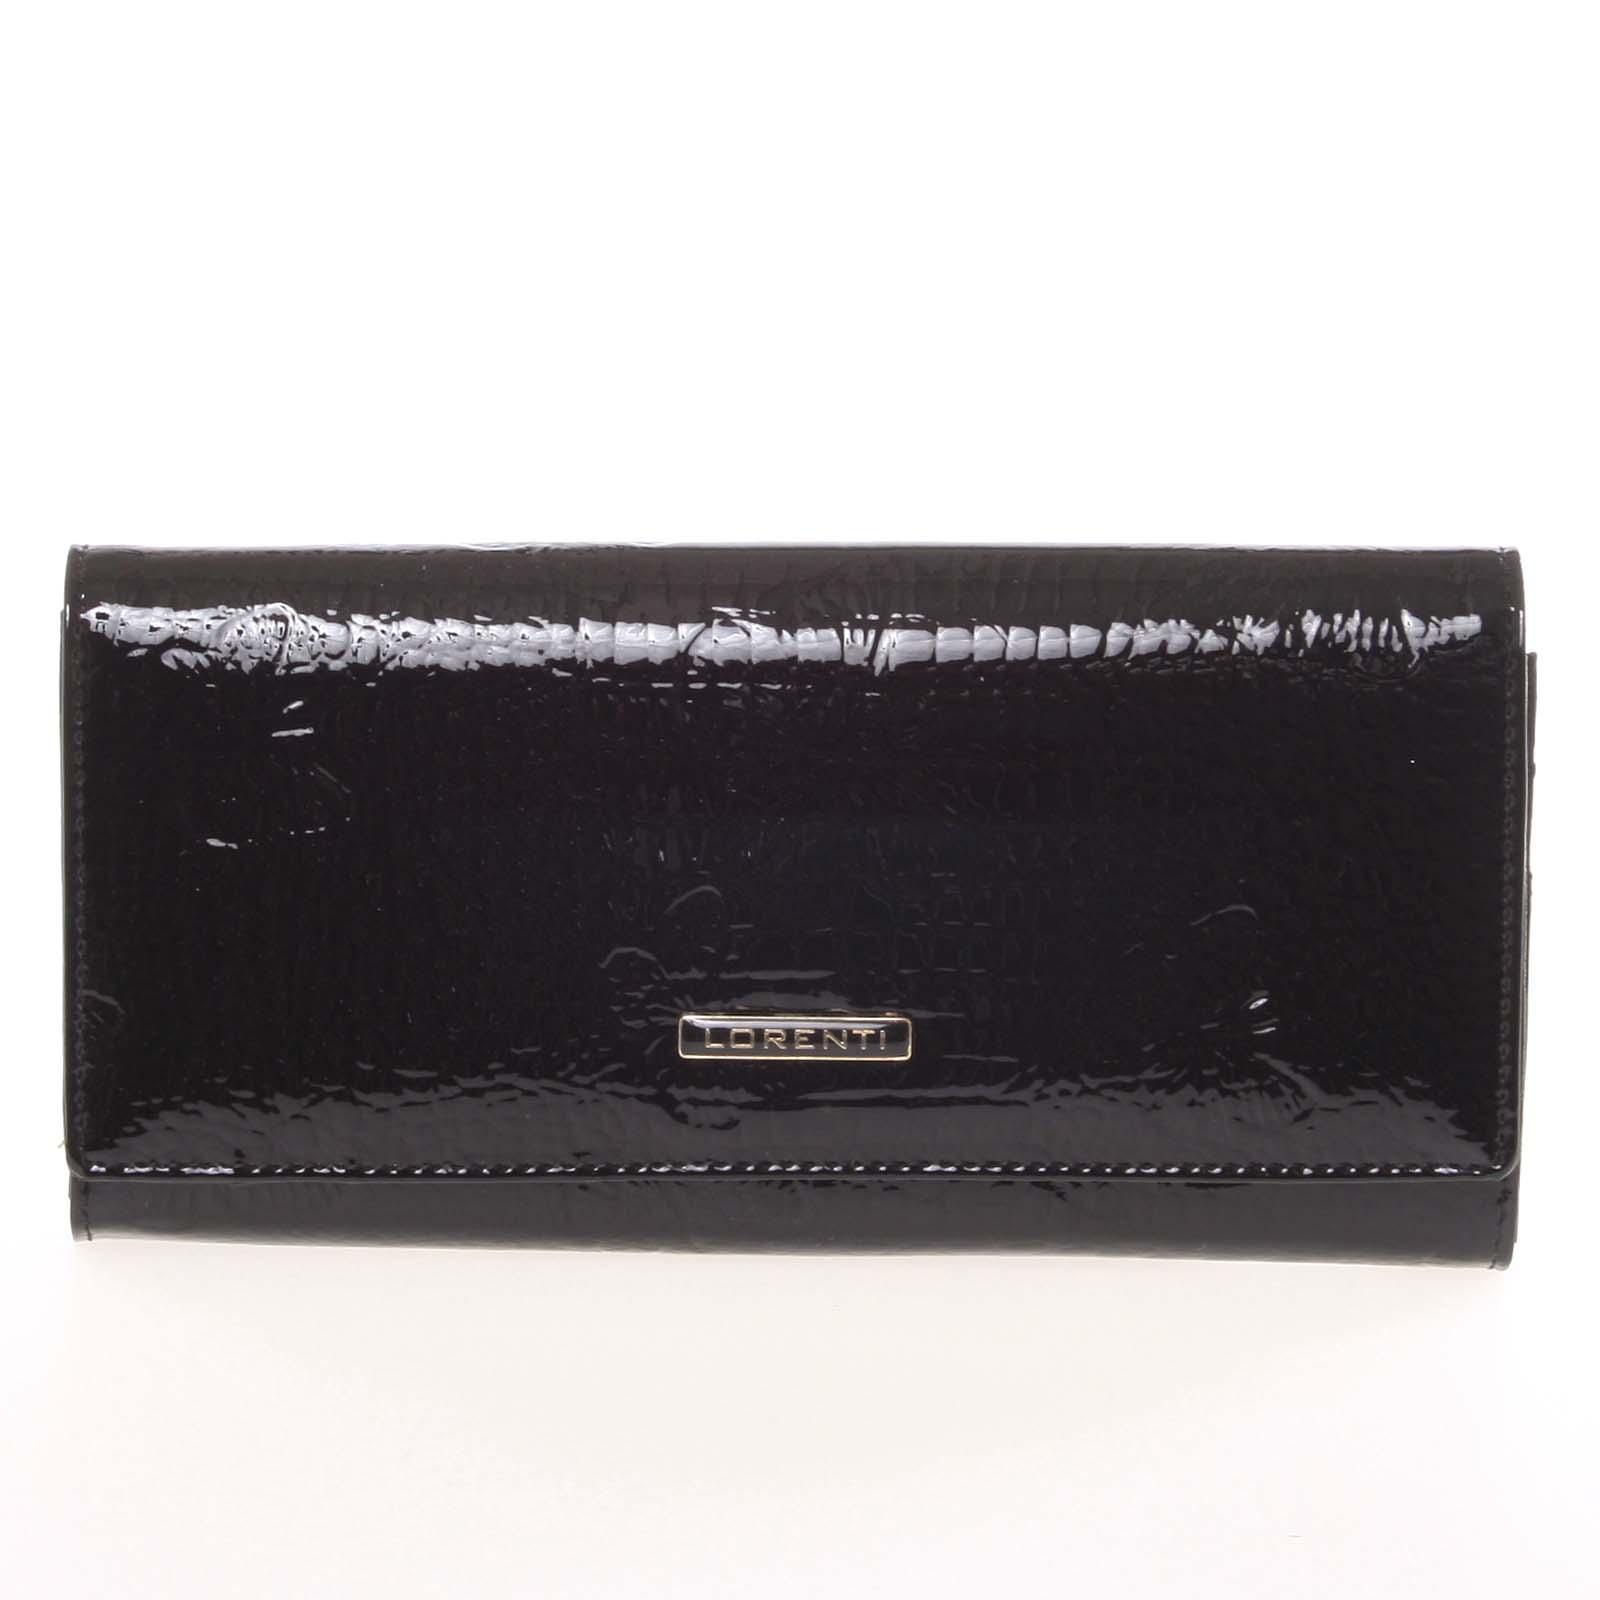 Dámska módna kožená lakovaná peňaženka čierna - Lorenti Idylla čierna